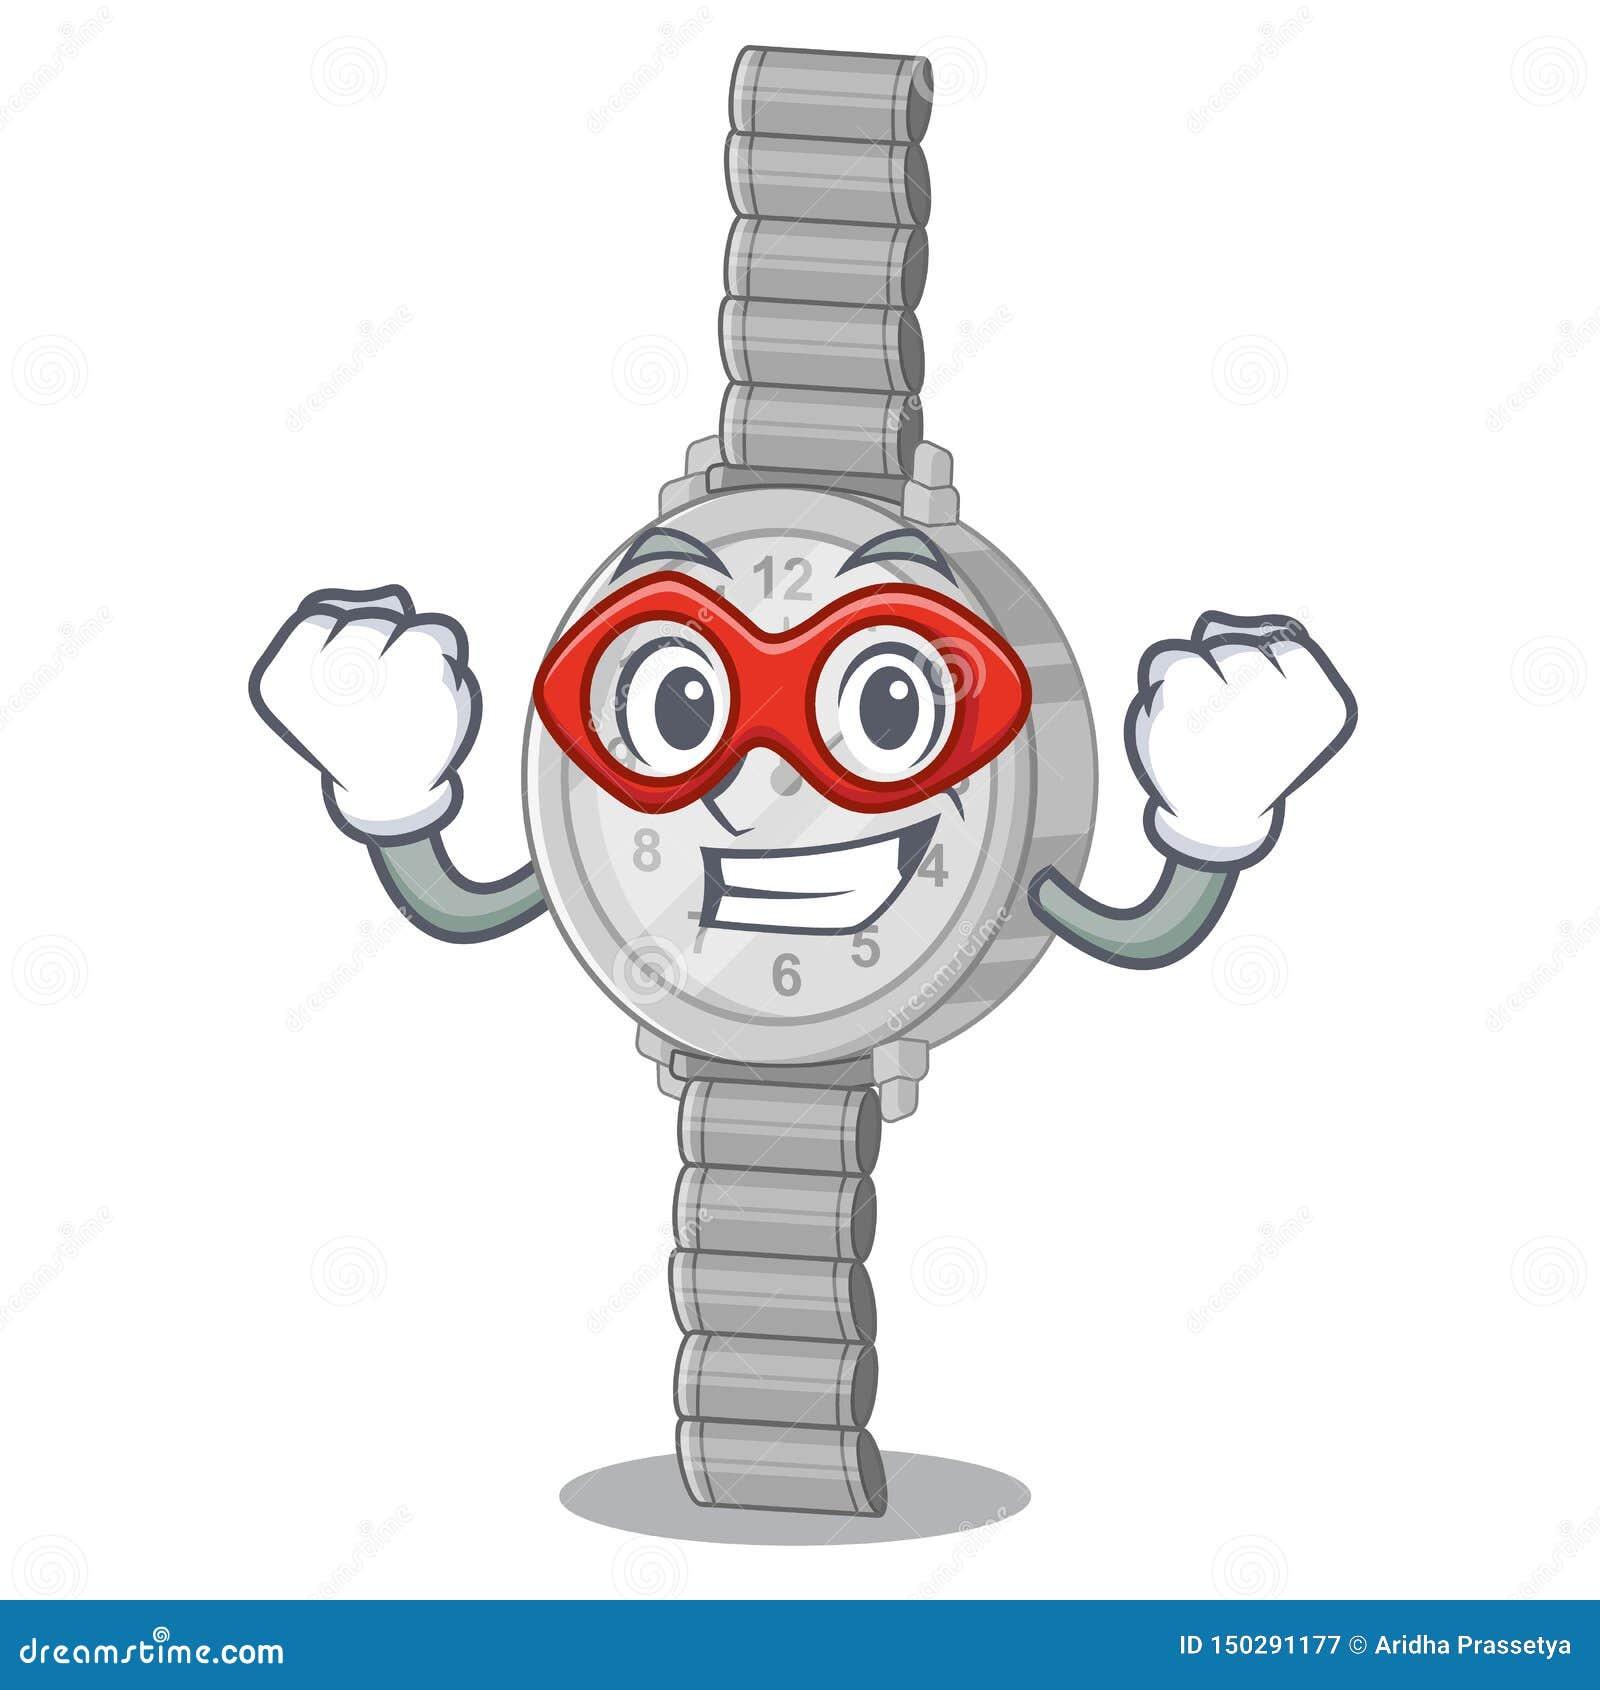 Έξοχος ήρωας wristwatch σε μια μορφή χαρακτήρα